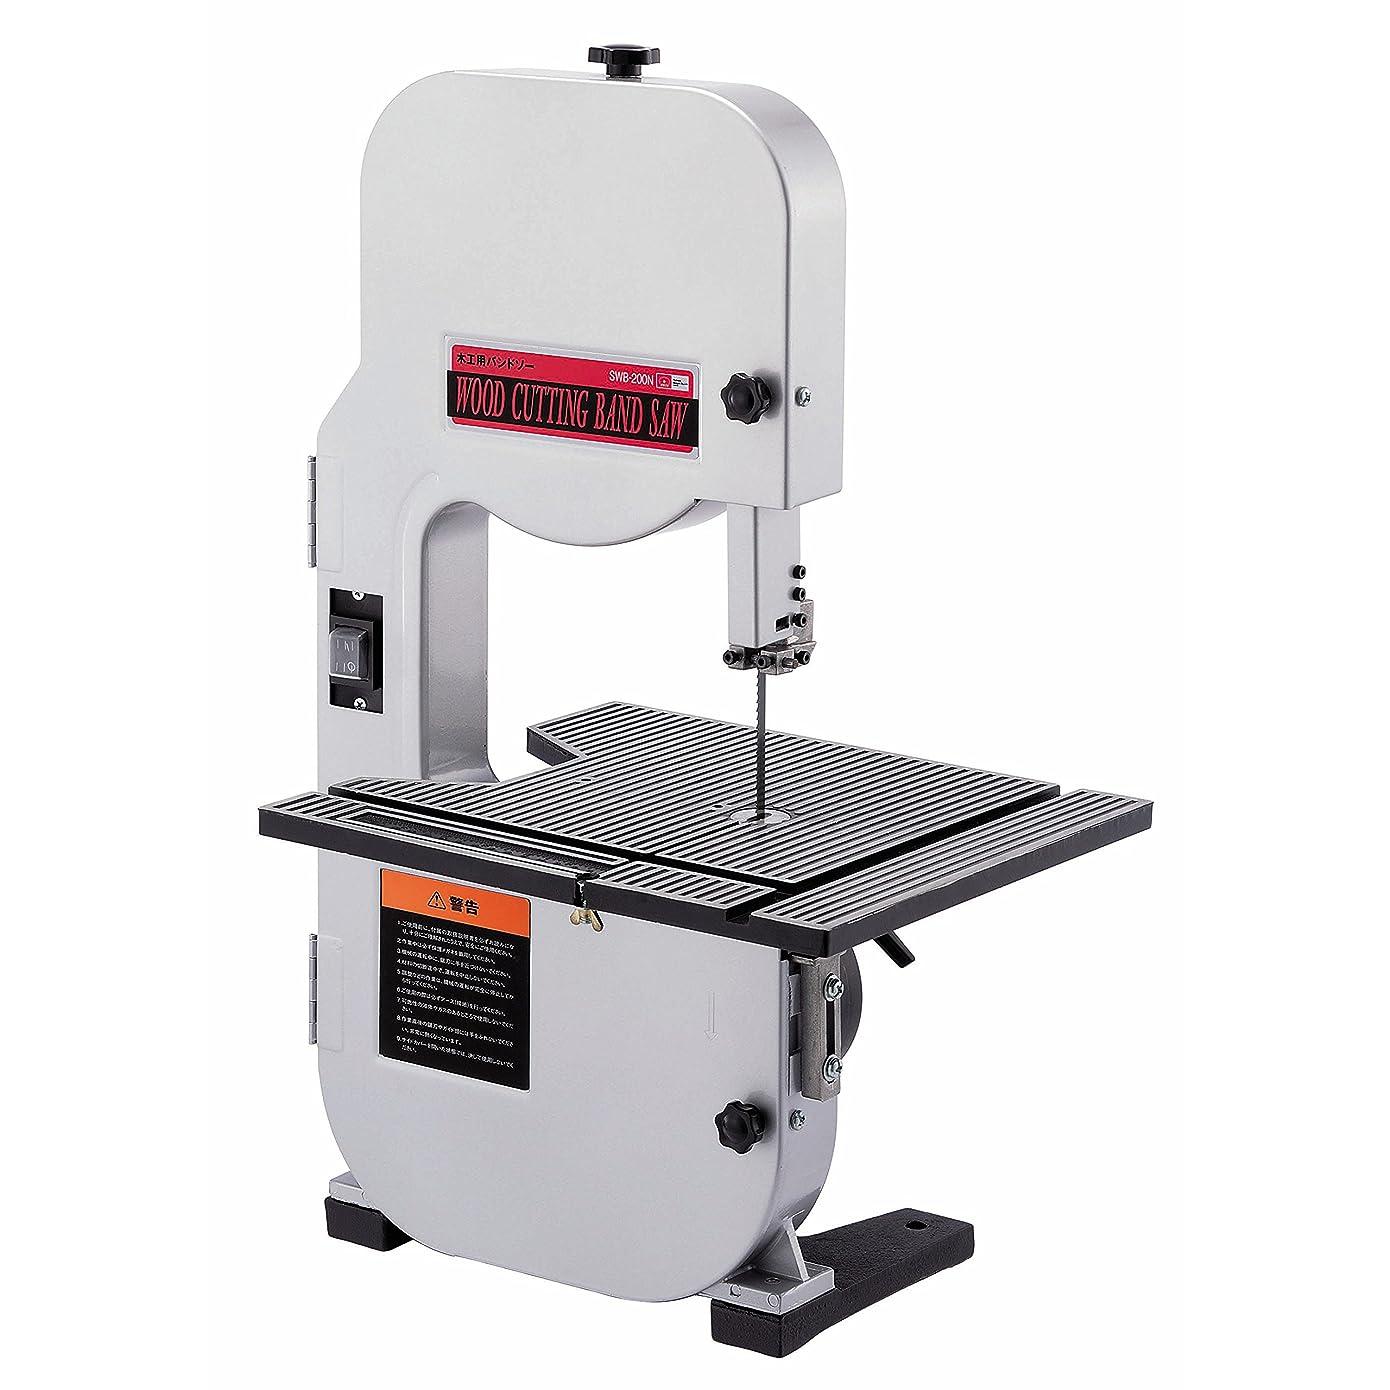 ストローク便益音声学SK11 木工用バンドソー テーブル寸 300mm×340mm ふところ 195mm SWB-200N